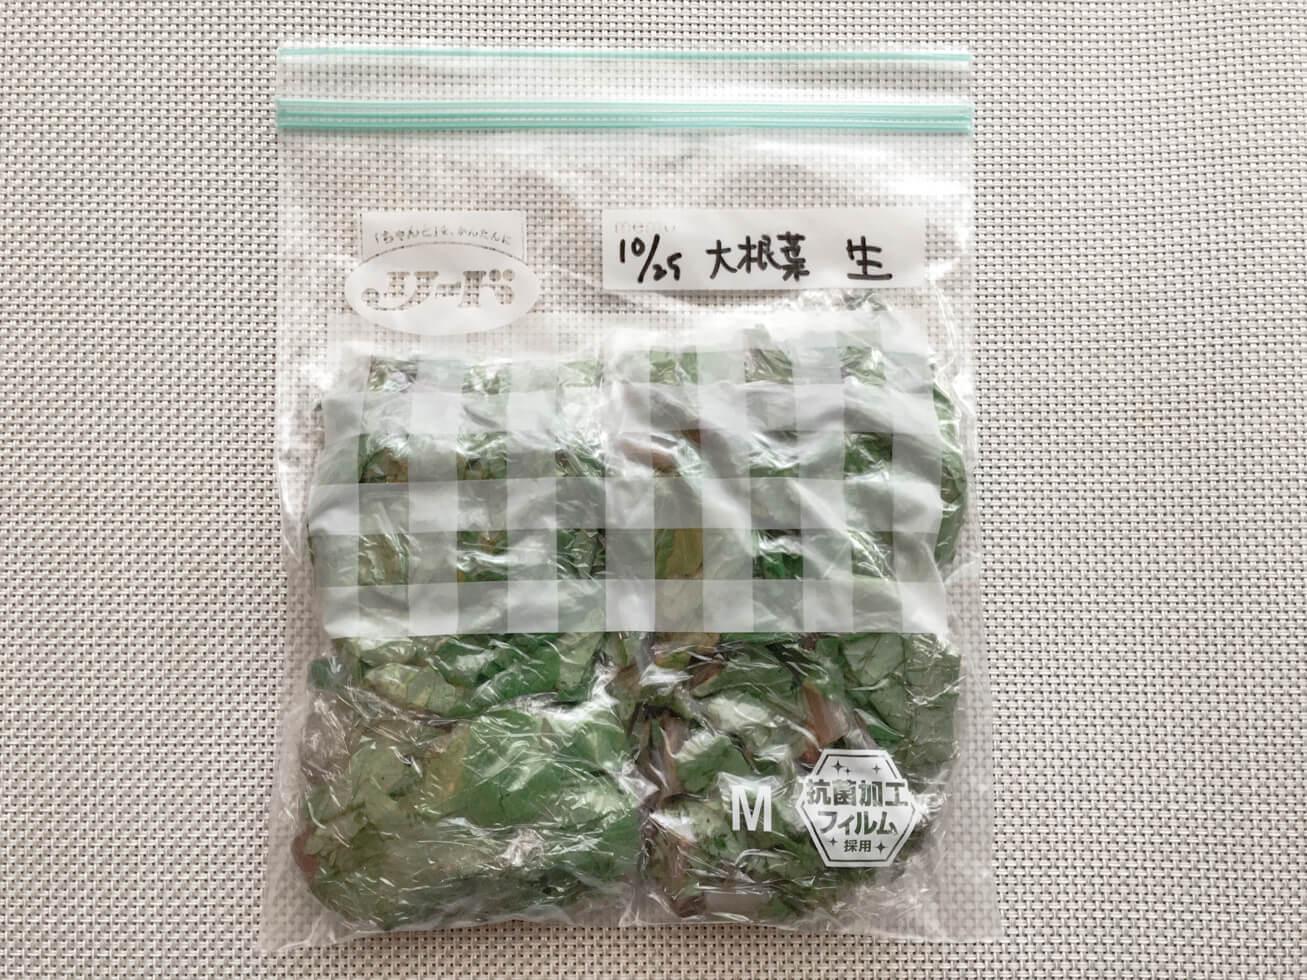 大根の葉っぱが保存袋に入れてある写真